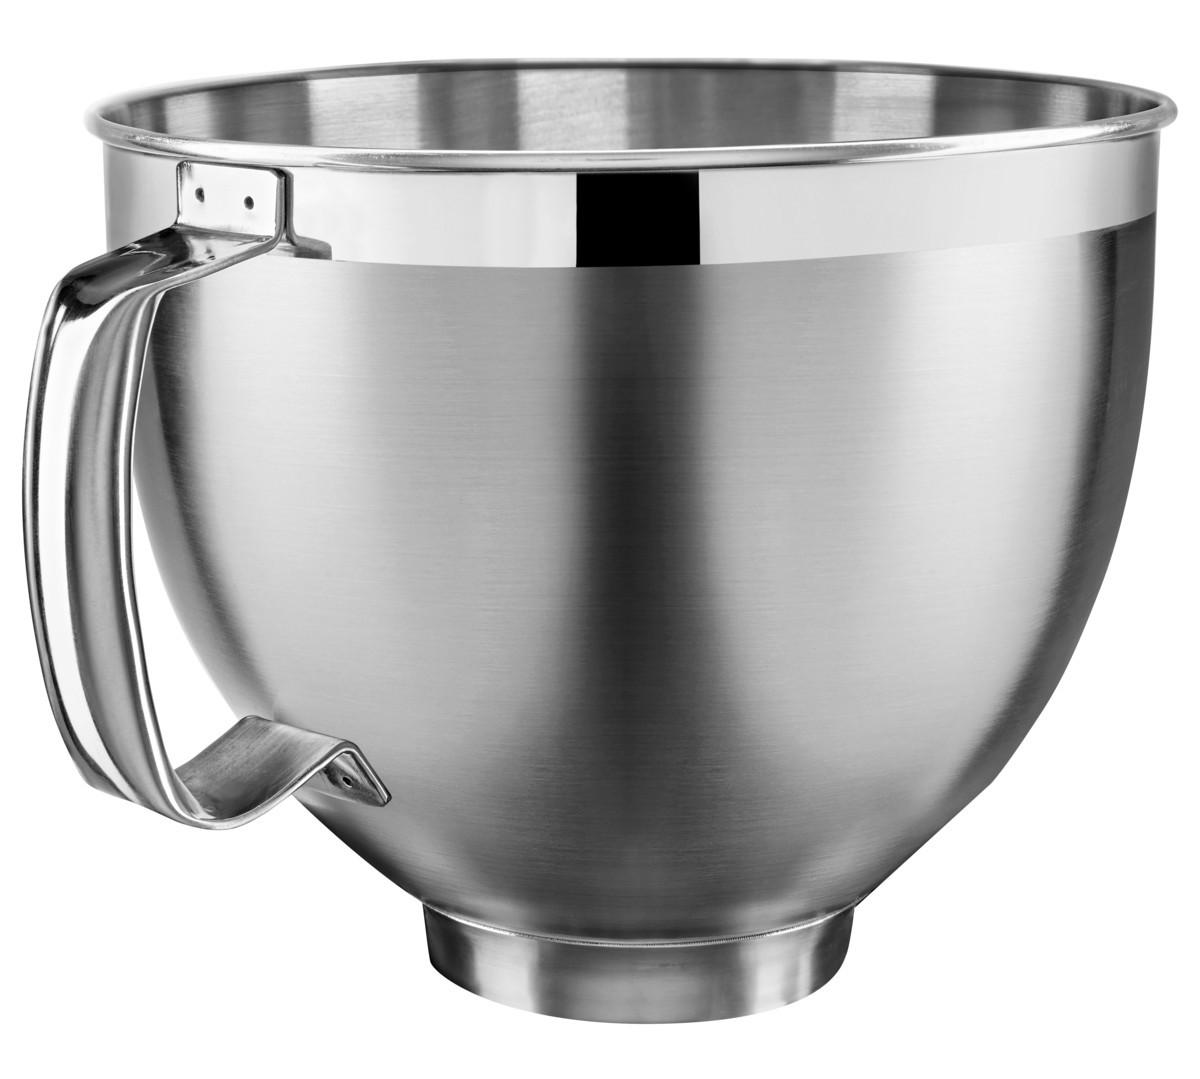 KitchenAid Edelstahlschüssel 4,8-Liter